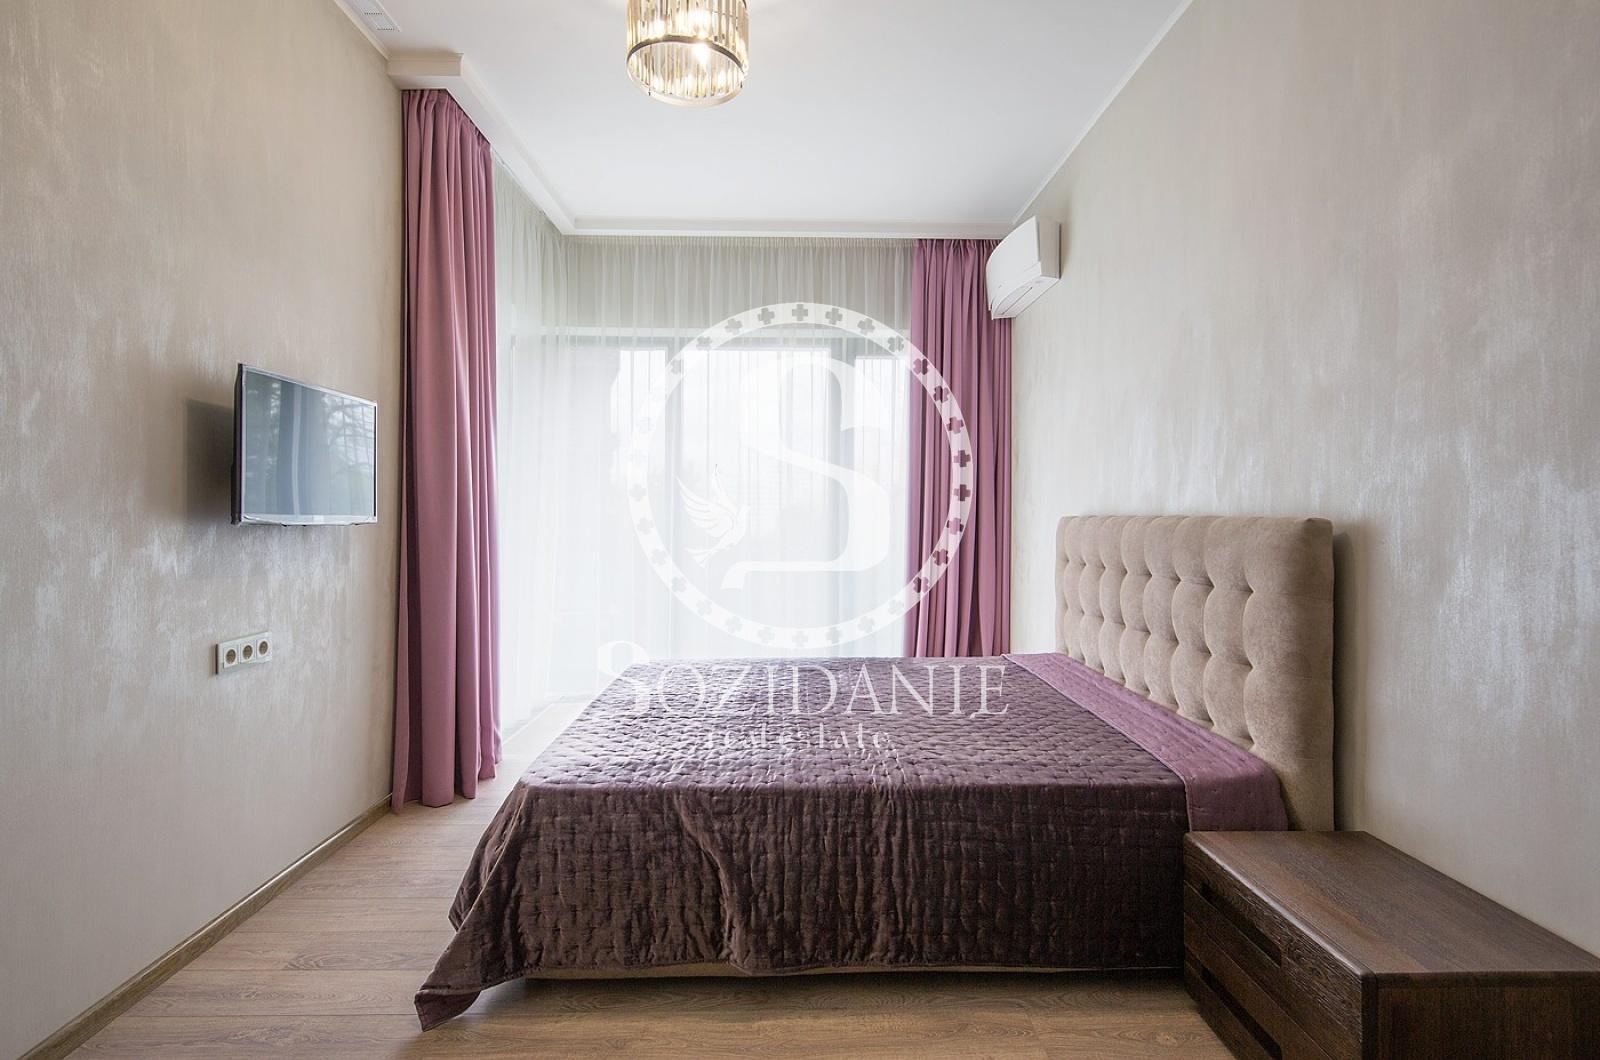 3 Комнаты, Городская, Аренда, Улица Согласия, Listing ID 3498, Москва, Россия,